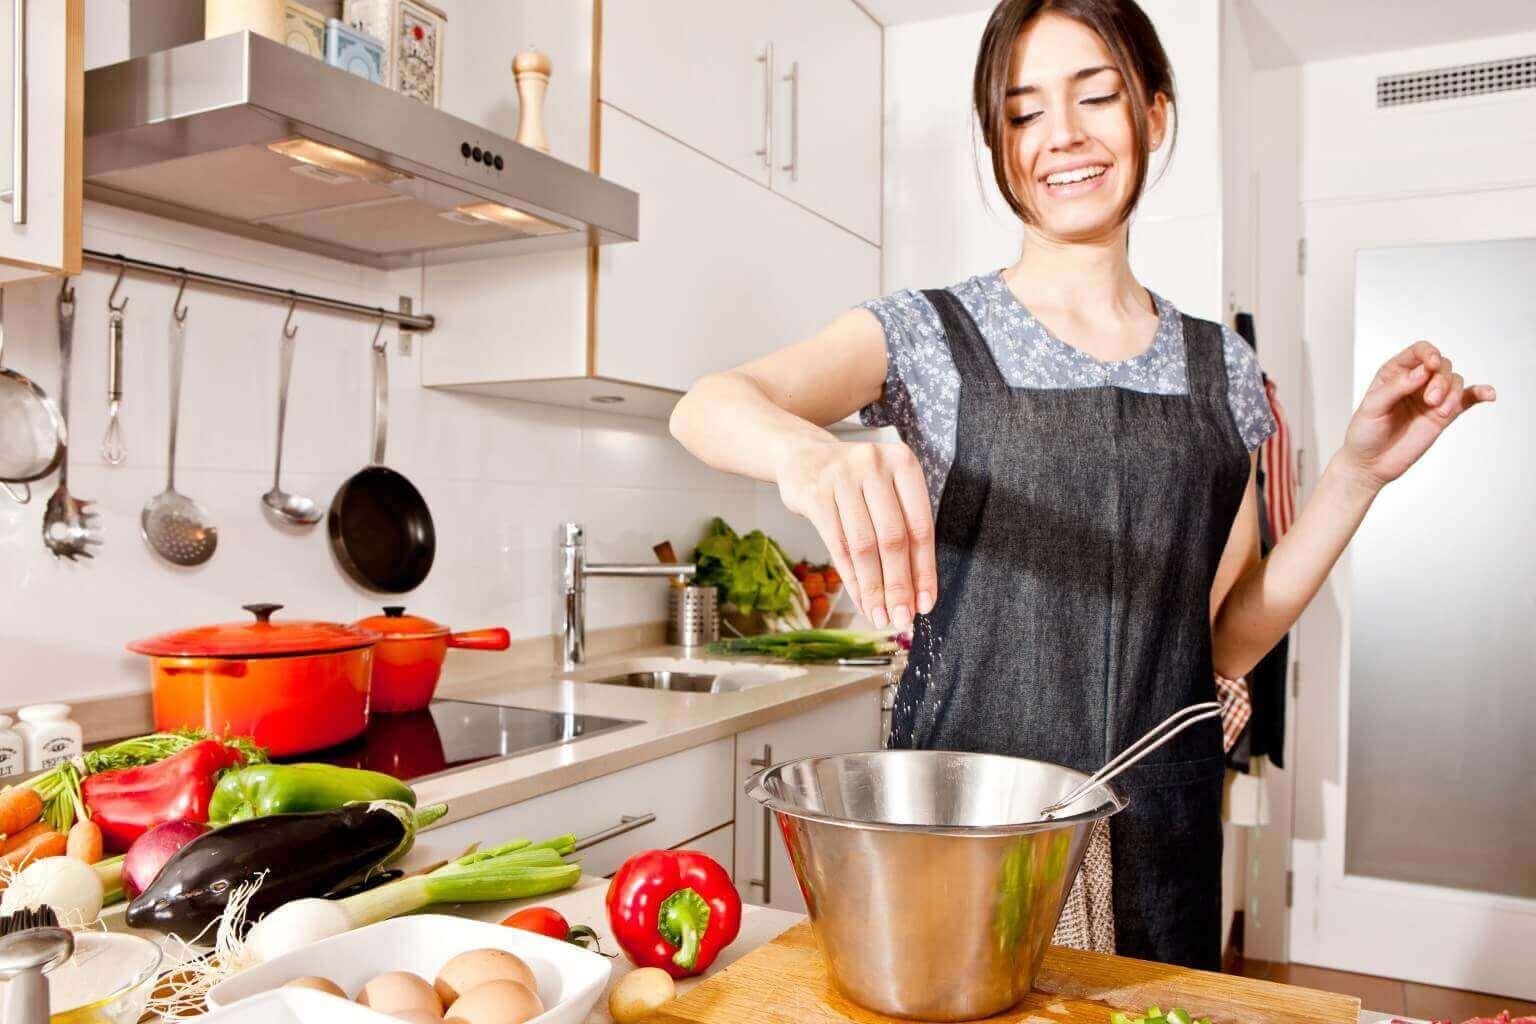 valmista terveellistä ruokaa